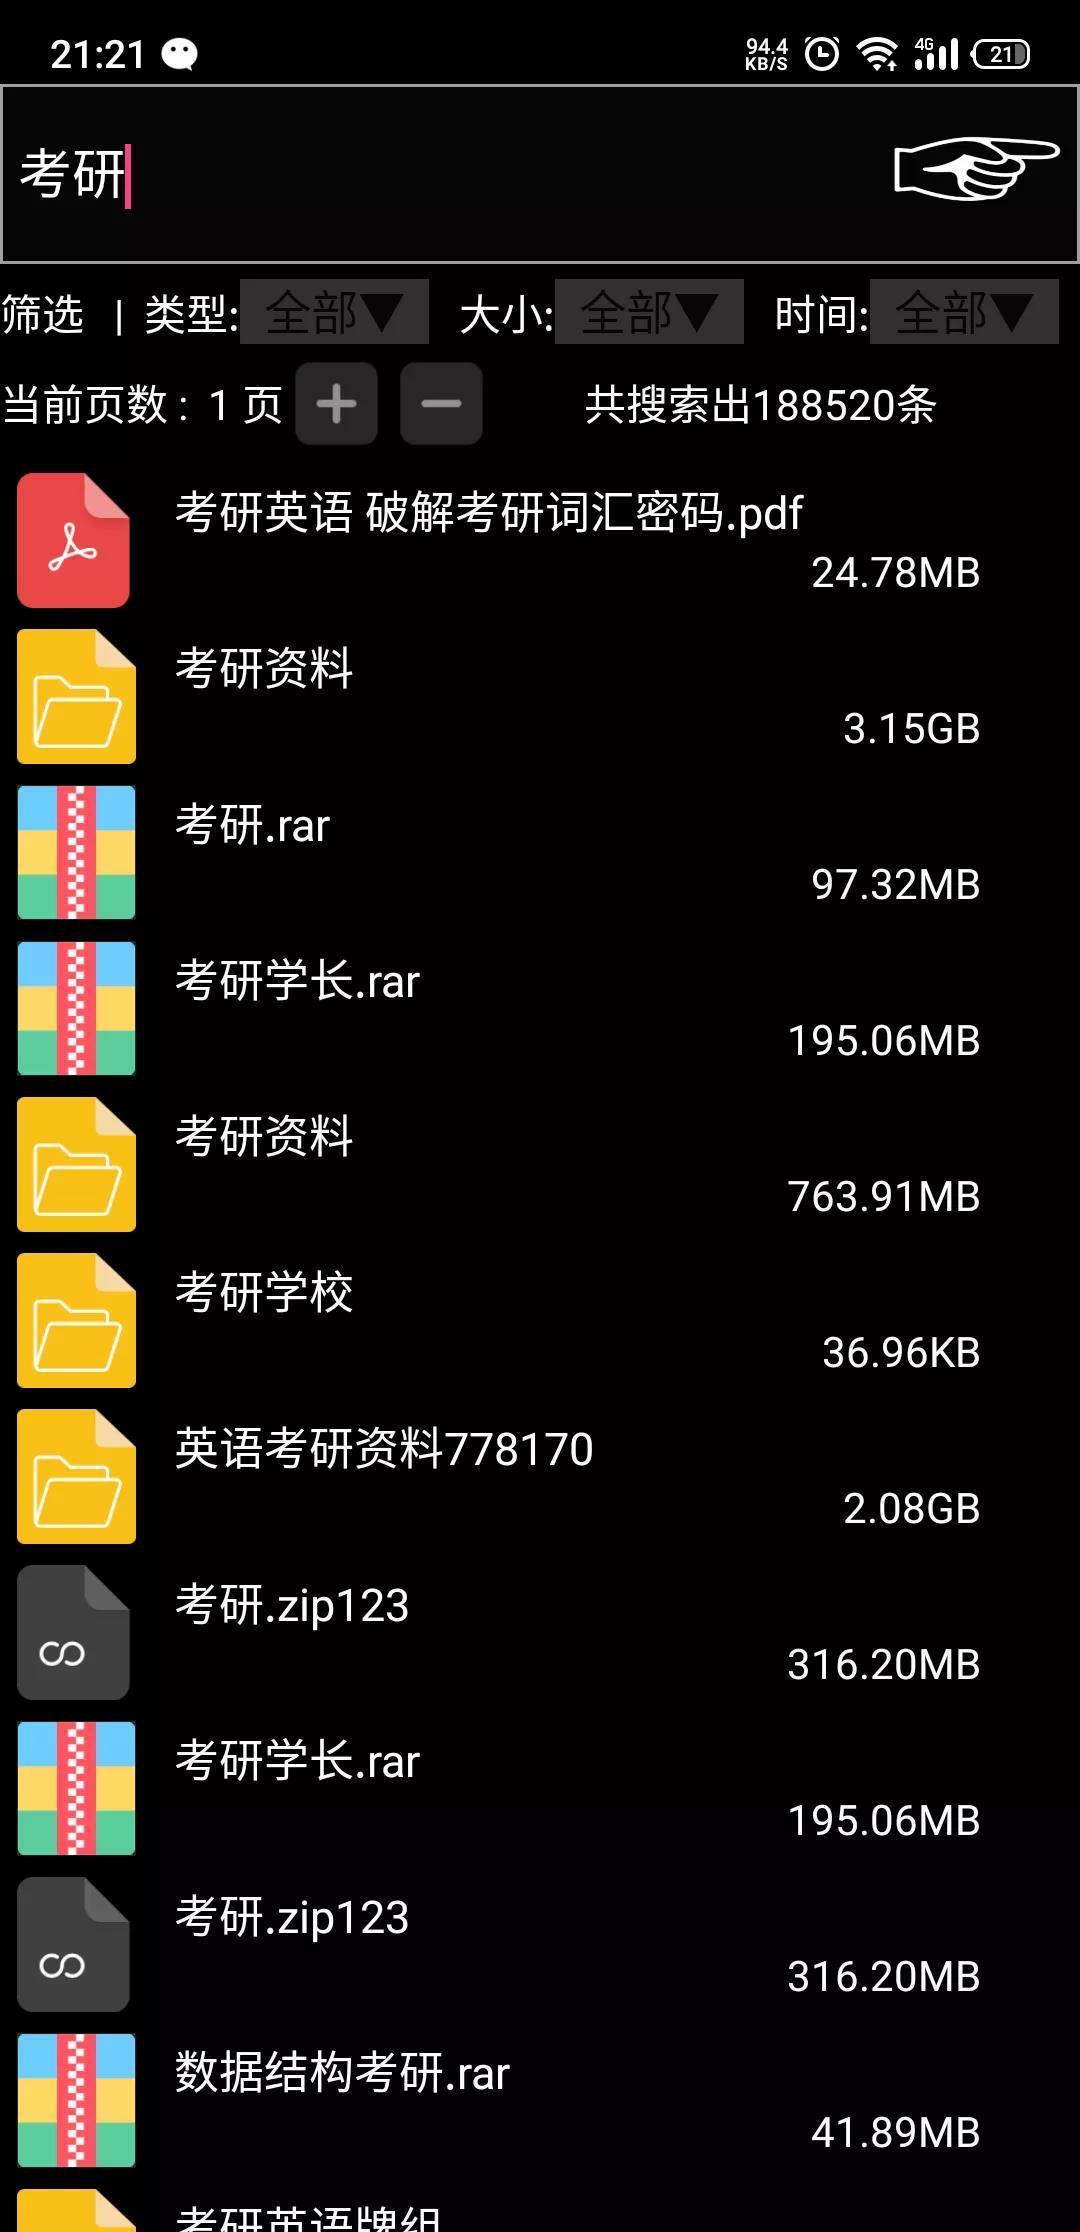 6002d4173ffa7d37b3f8544d 专门搜索百度云资源的软件--咻咻咻